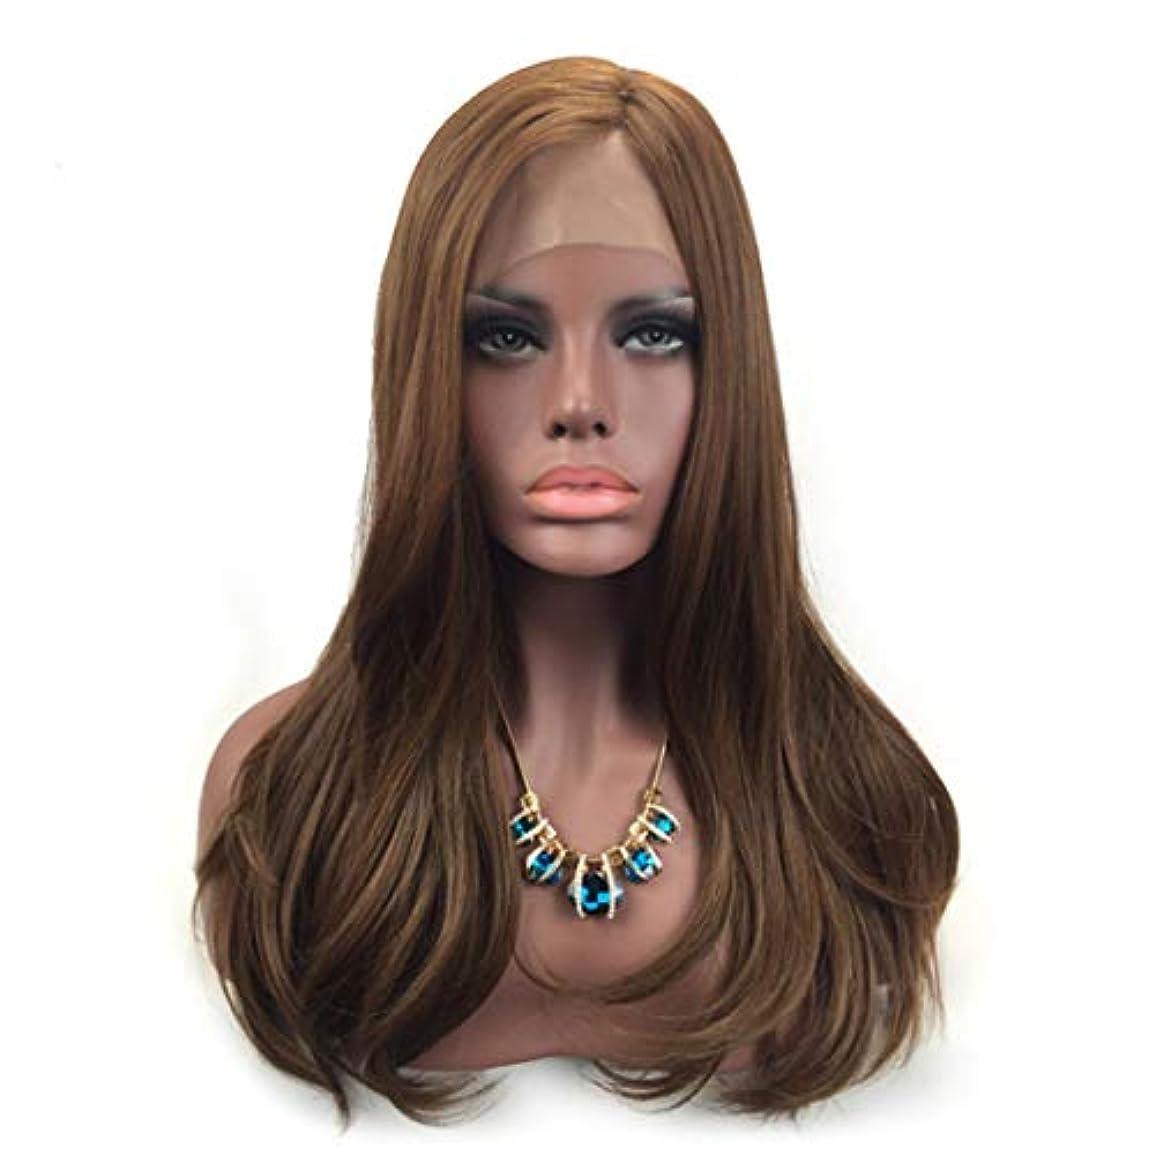 クラシック複数大量Fuku つけ毛 前髪ブロンドのハイライトストレート合成フルウィッグ耐熱コスチュームウィッグ女性用女の子と女性用 (色 : 写真の通り)